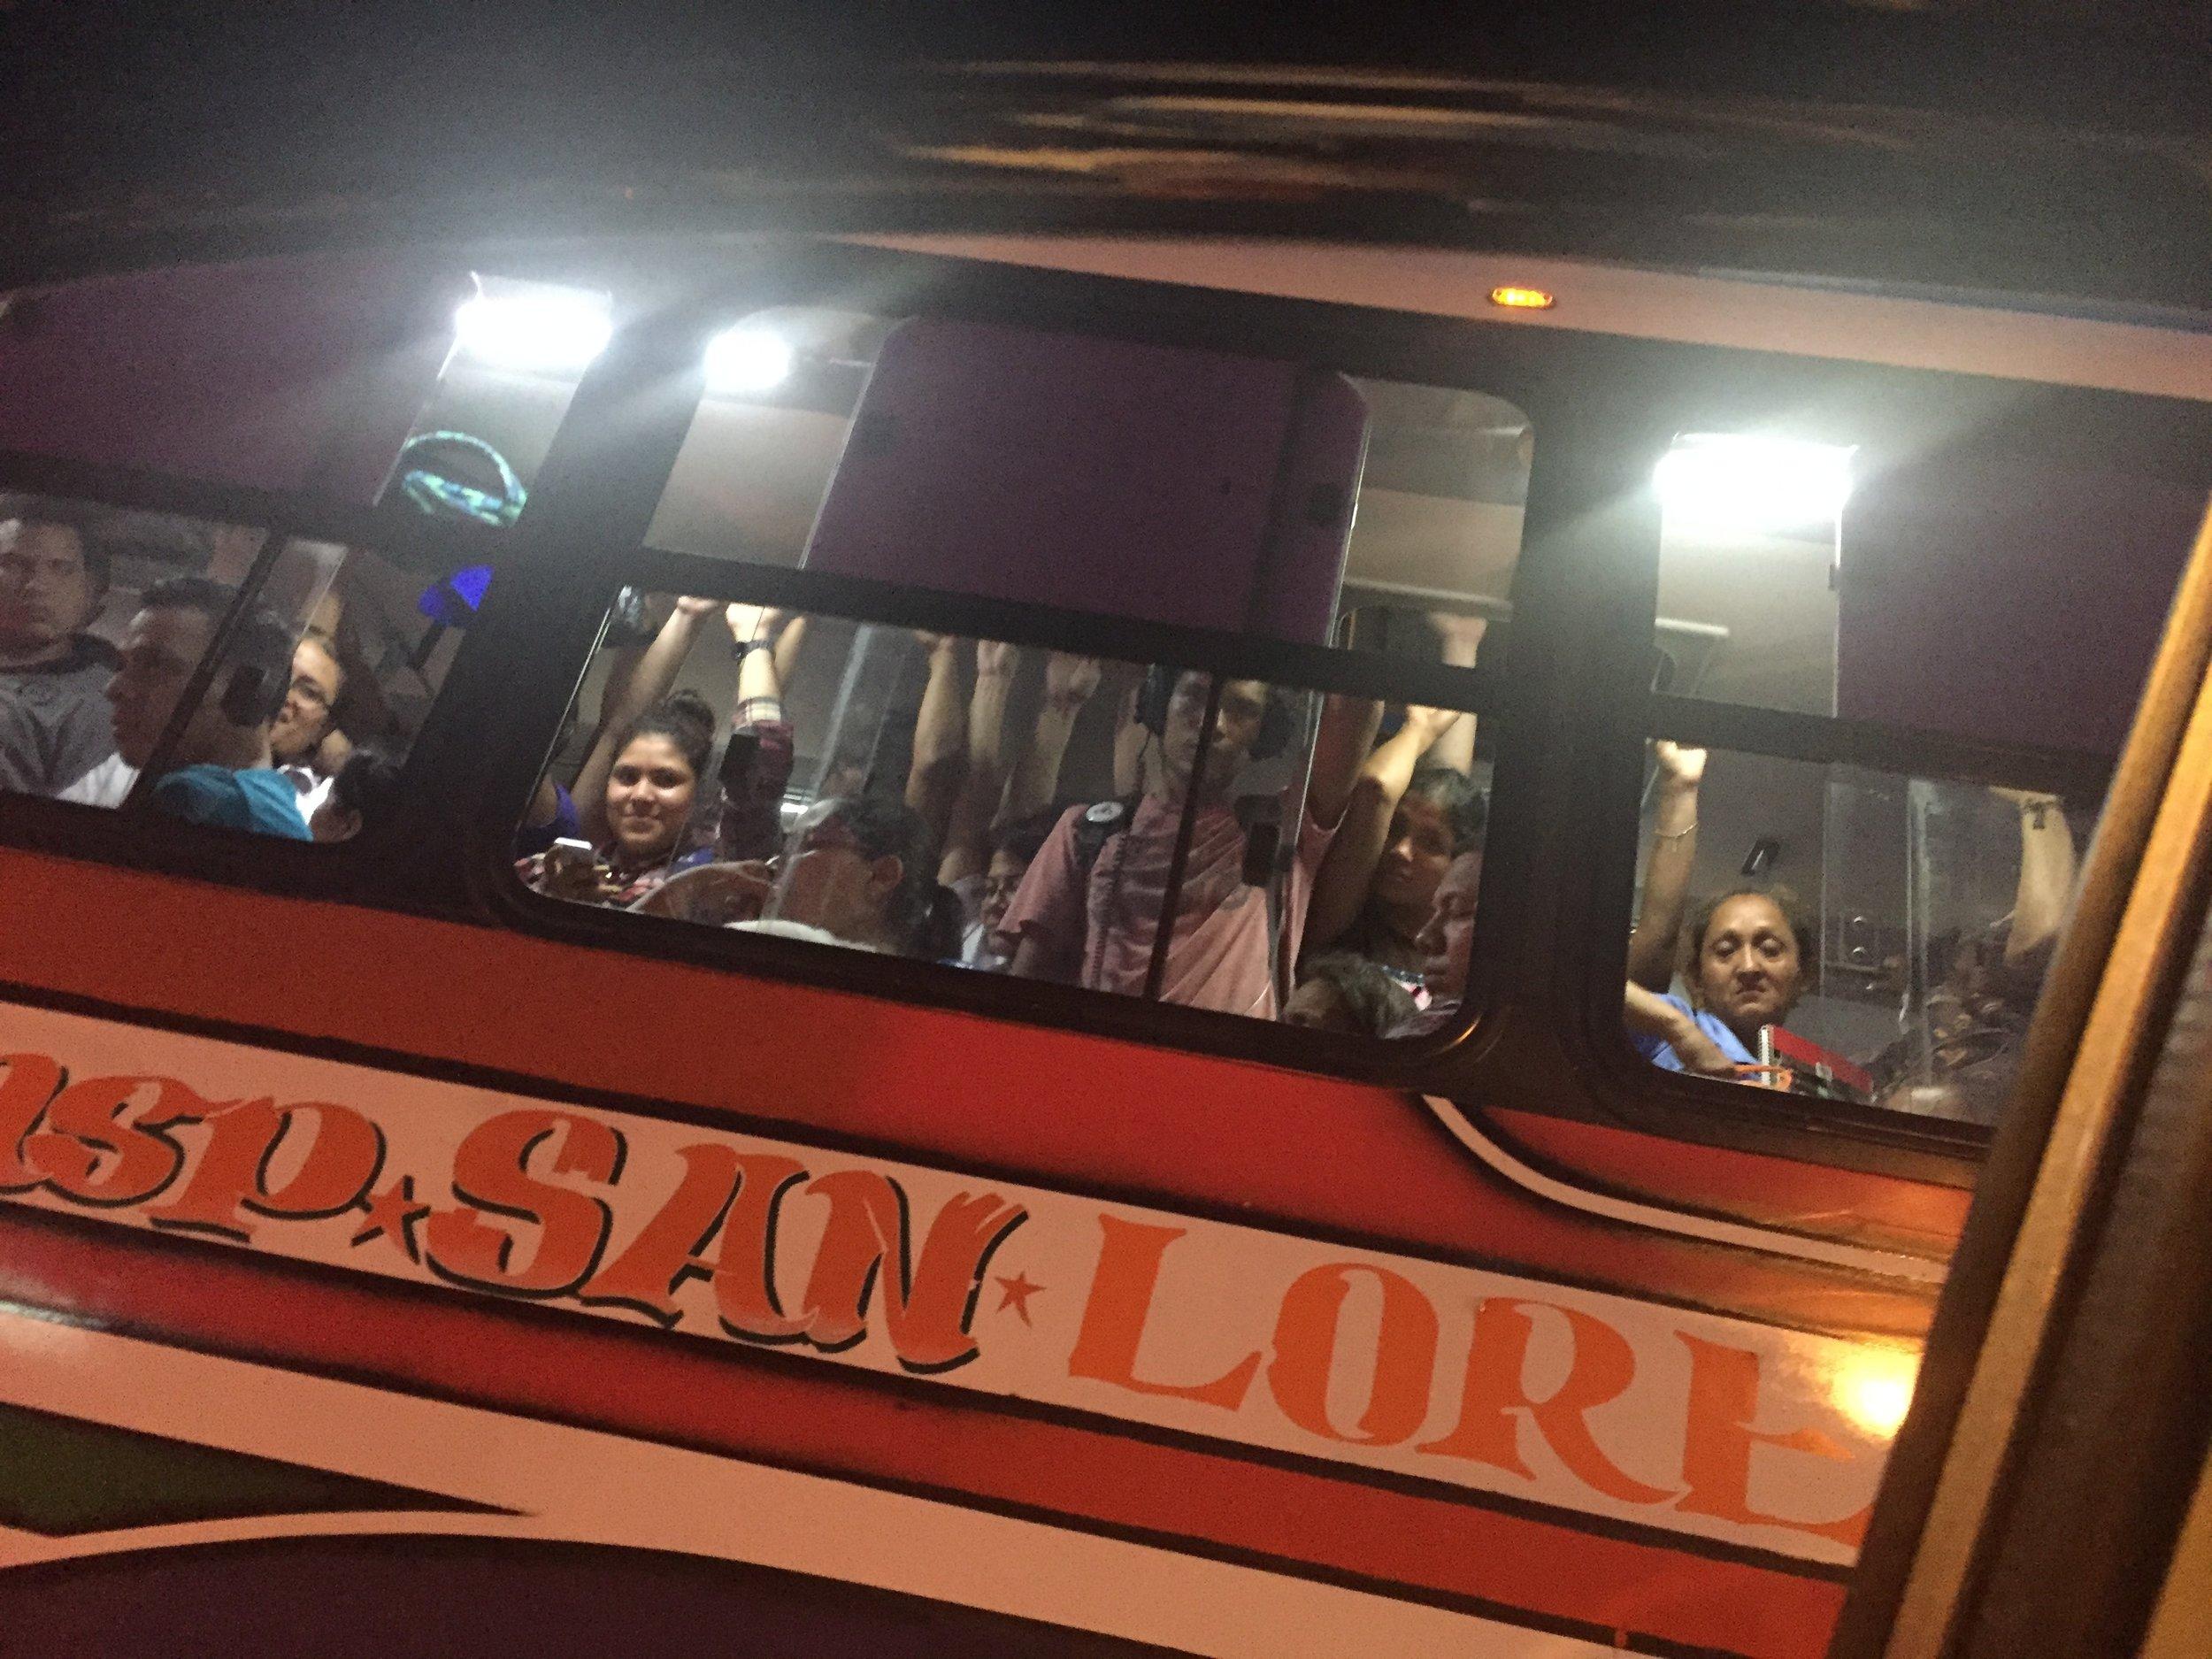 النقل العام كما يبدو في مناغوا